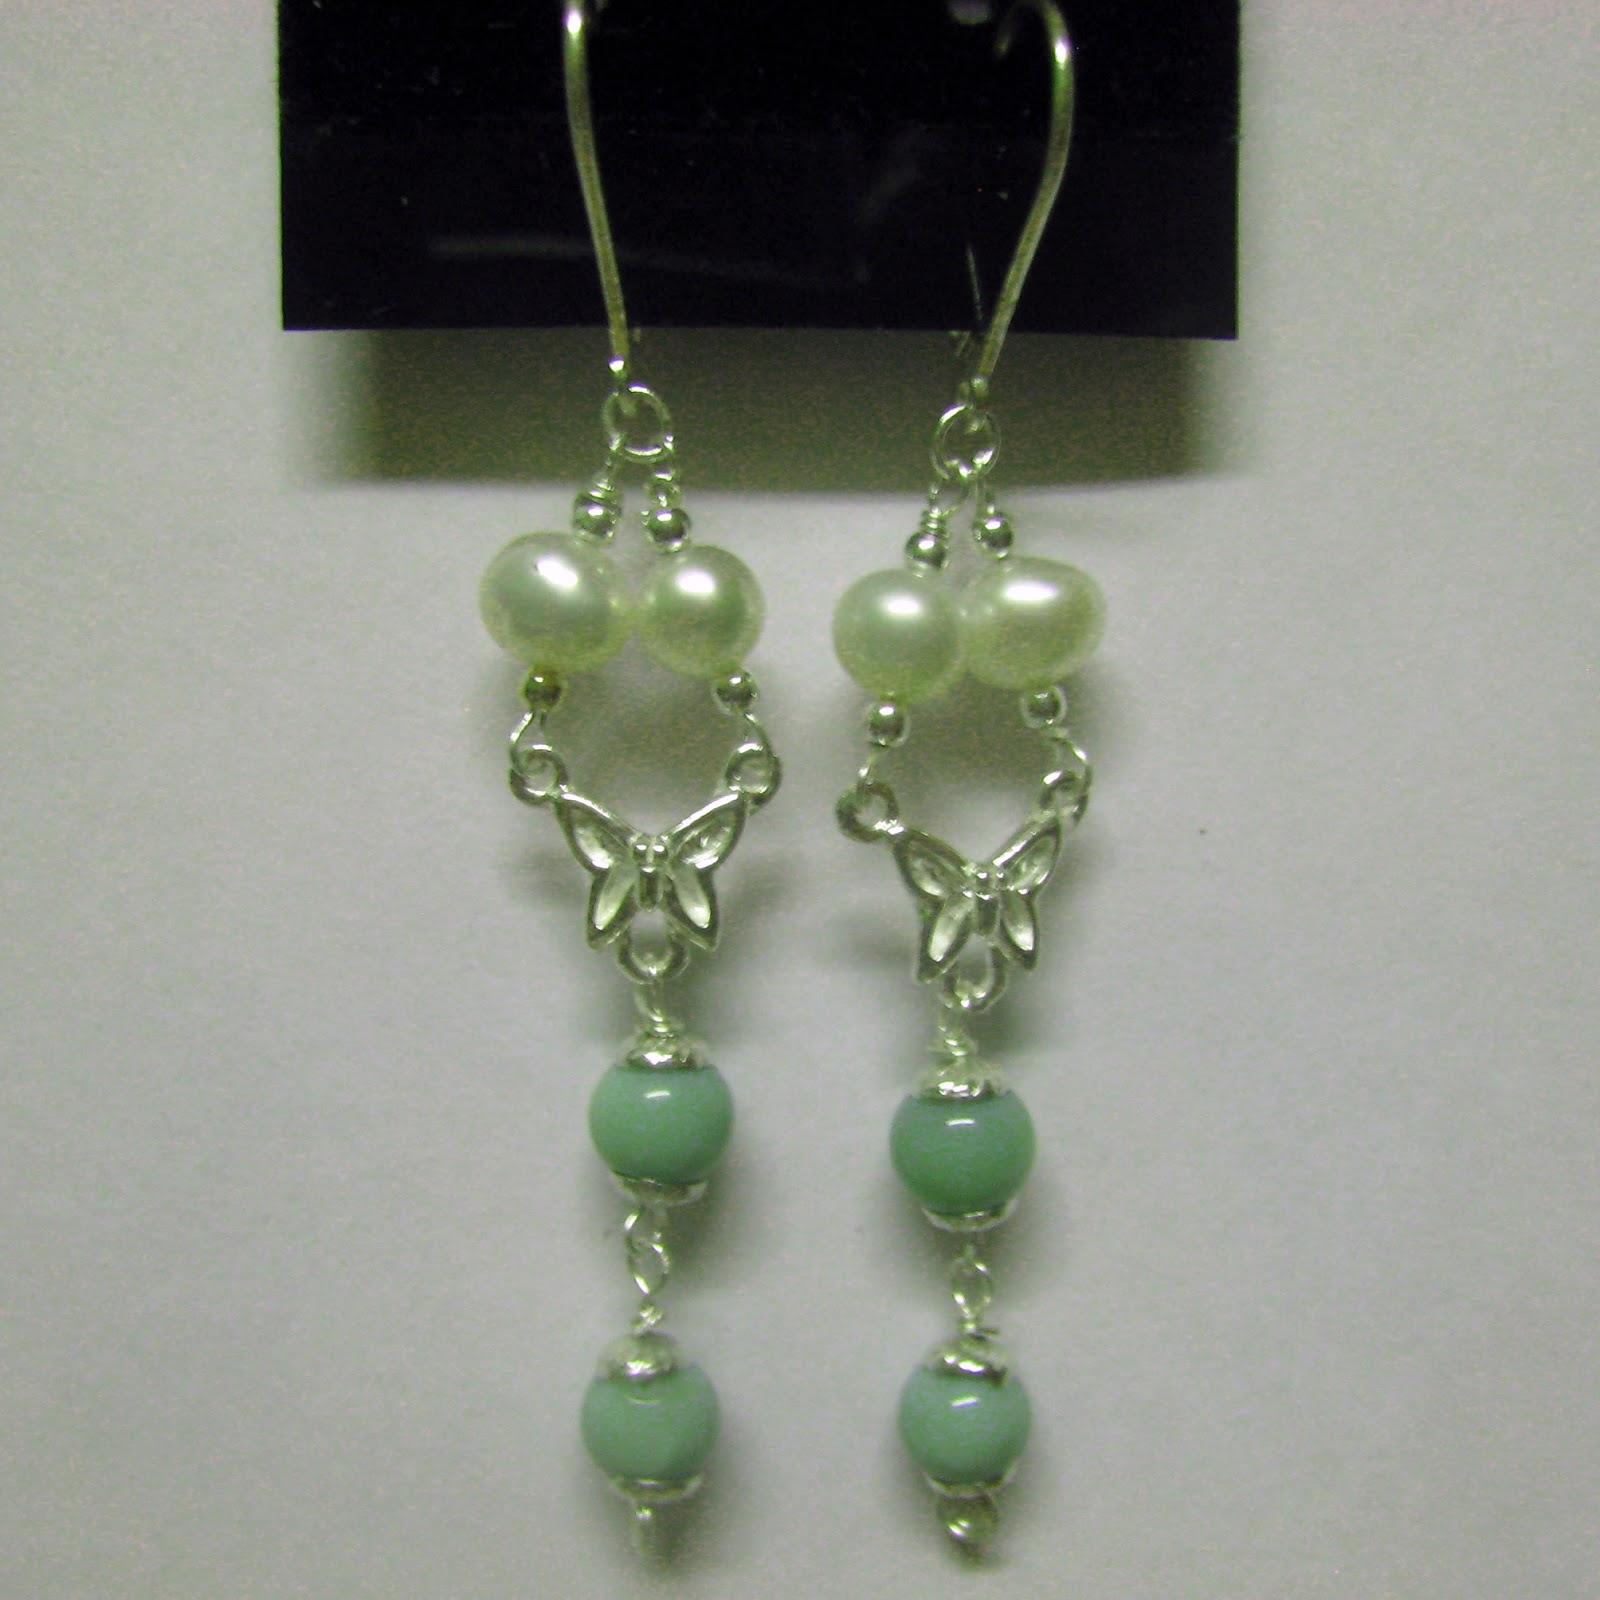 Pendientes de ópalo y perlas en plata de ley. Gil ® brujaness, brujaness's workshop